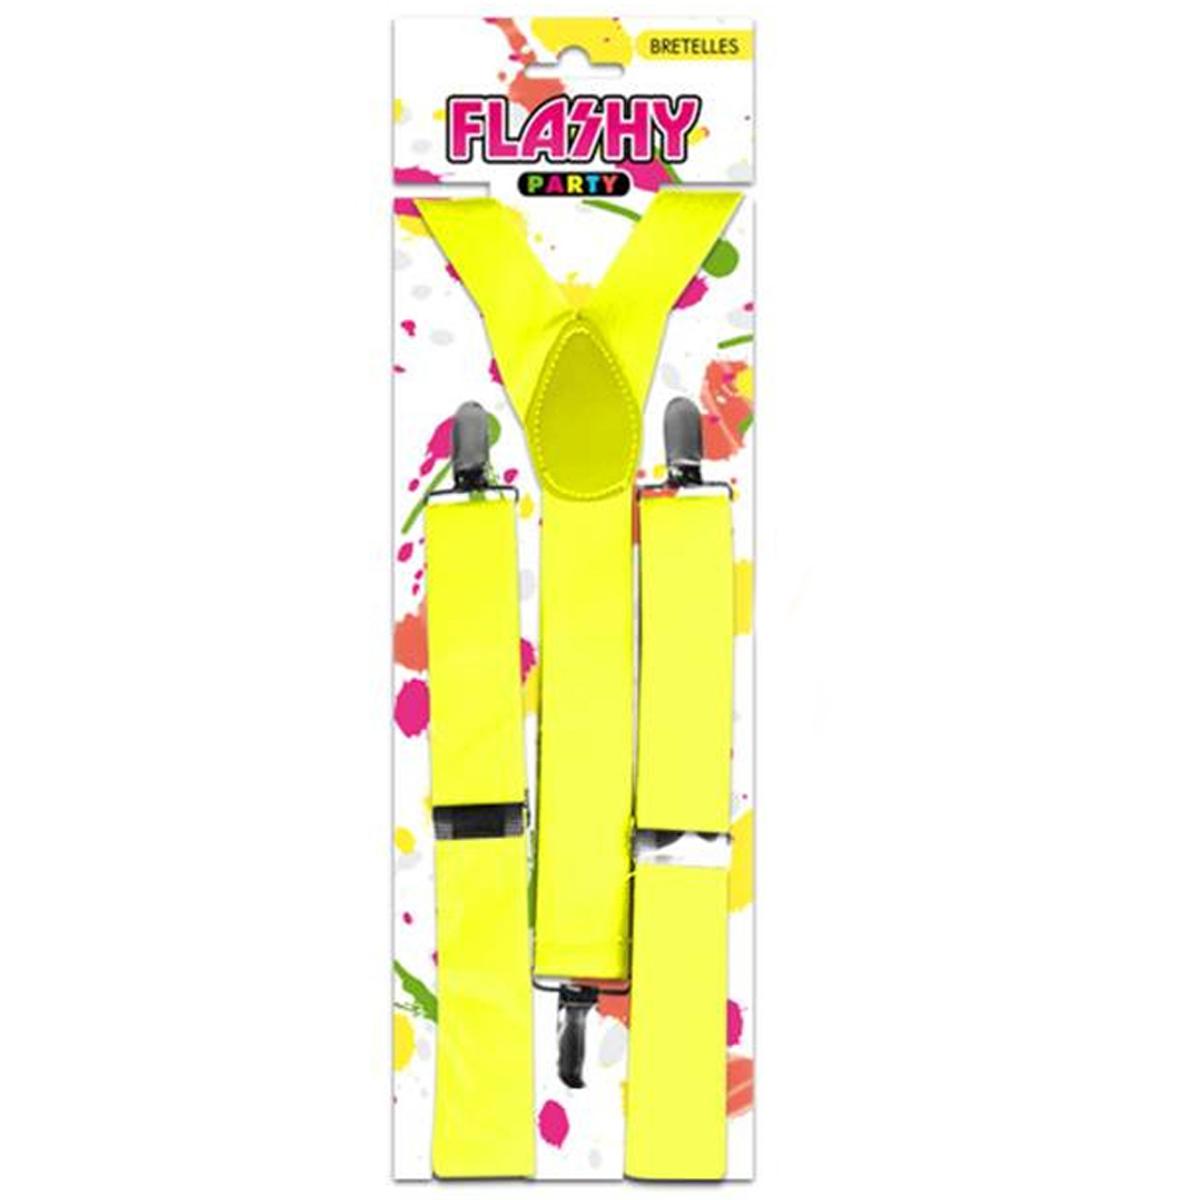 Bretelles \'Coloriage\' jaune - [K4799]